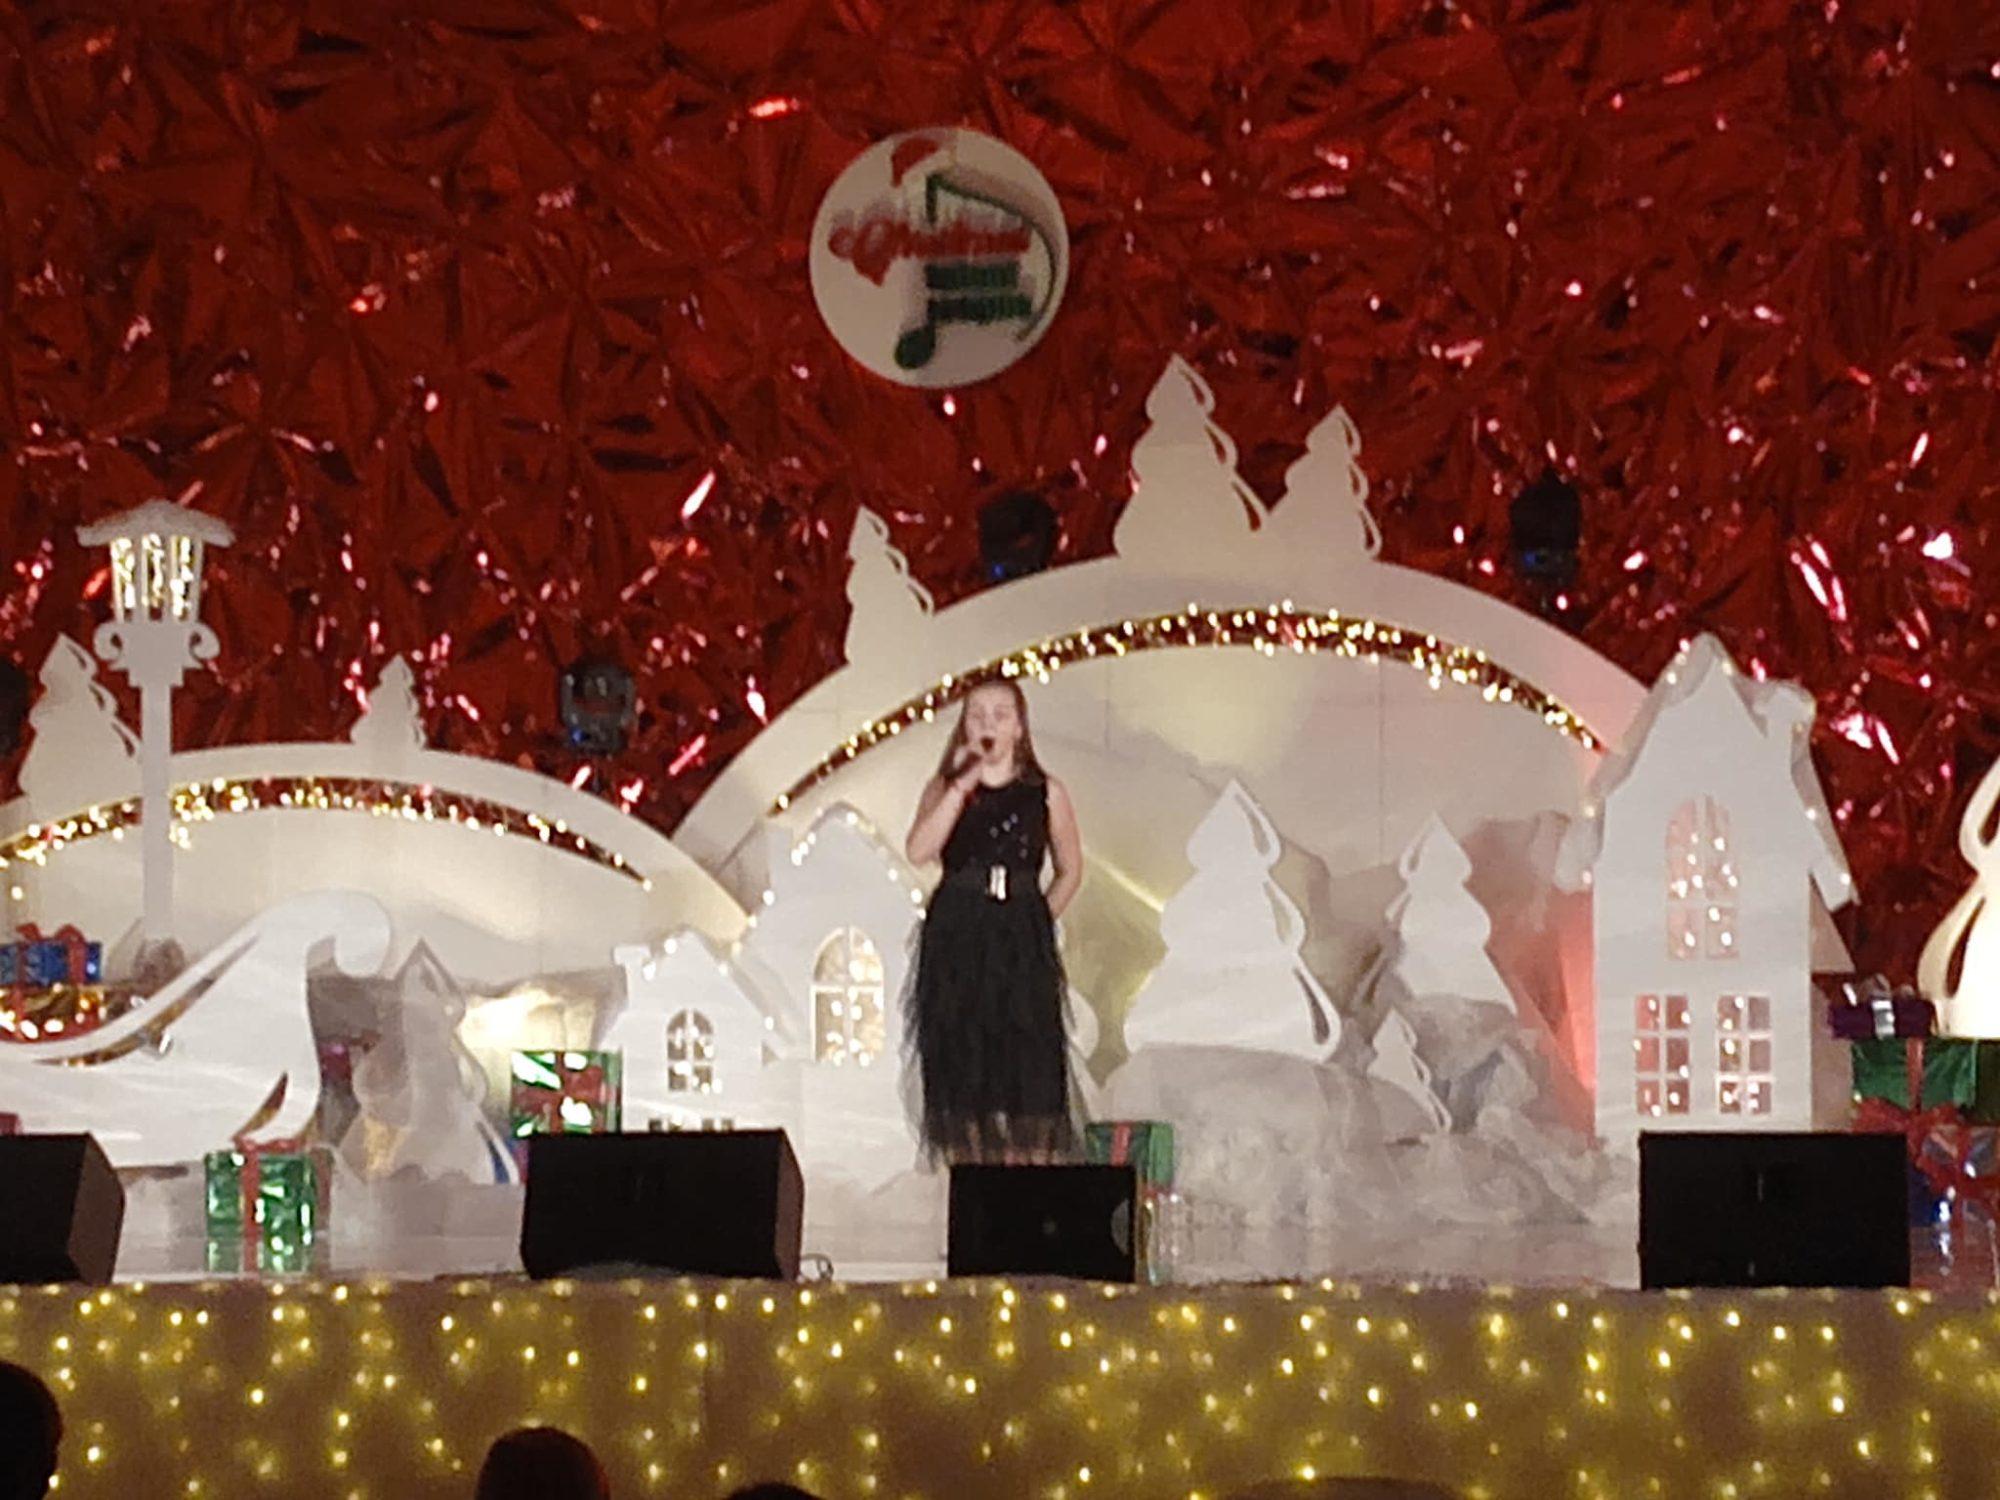 82623019_2613422568773925_1401777763777511424_o-2000x1500 Учениці білоцерківської школи мистецтв перемогли на міжнародному вокальному конкурсі